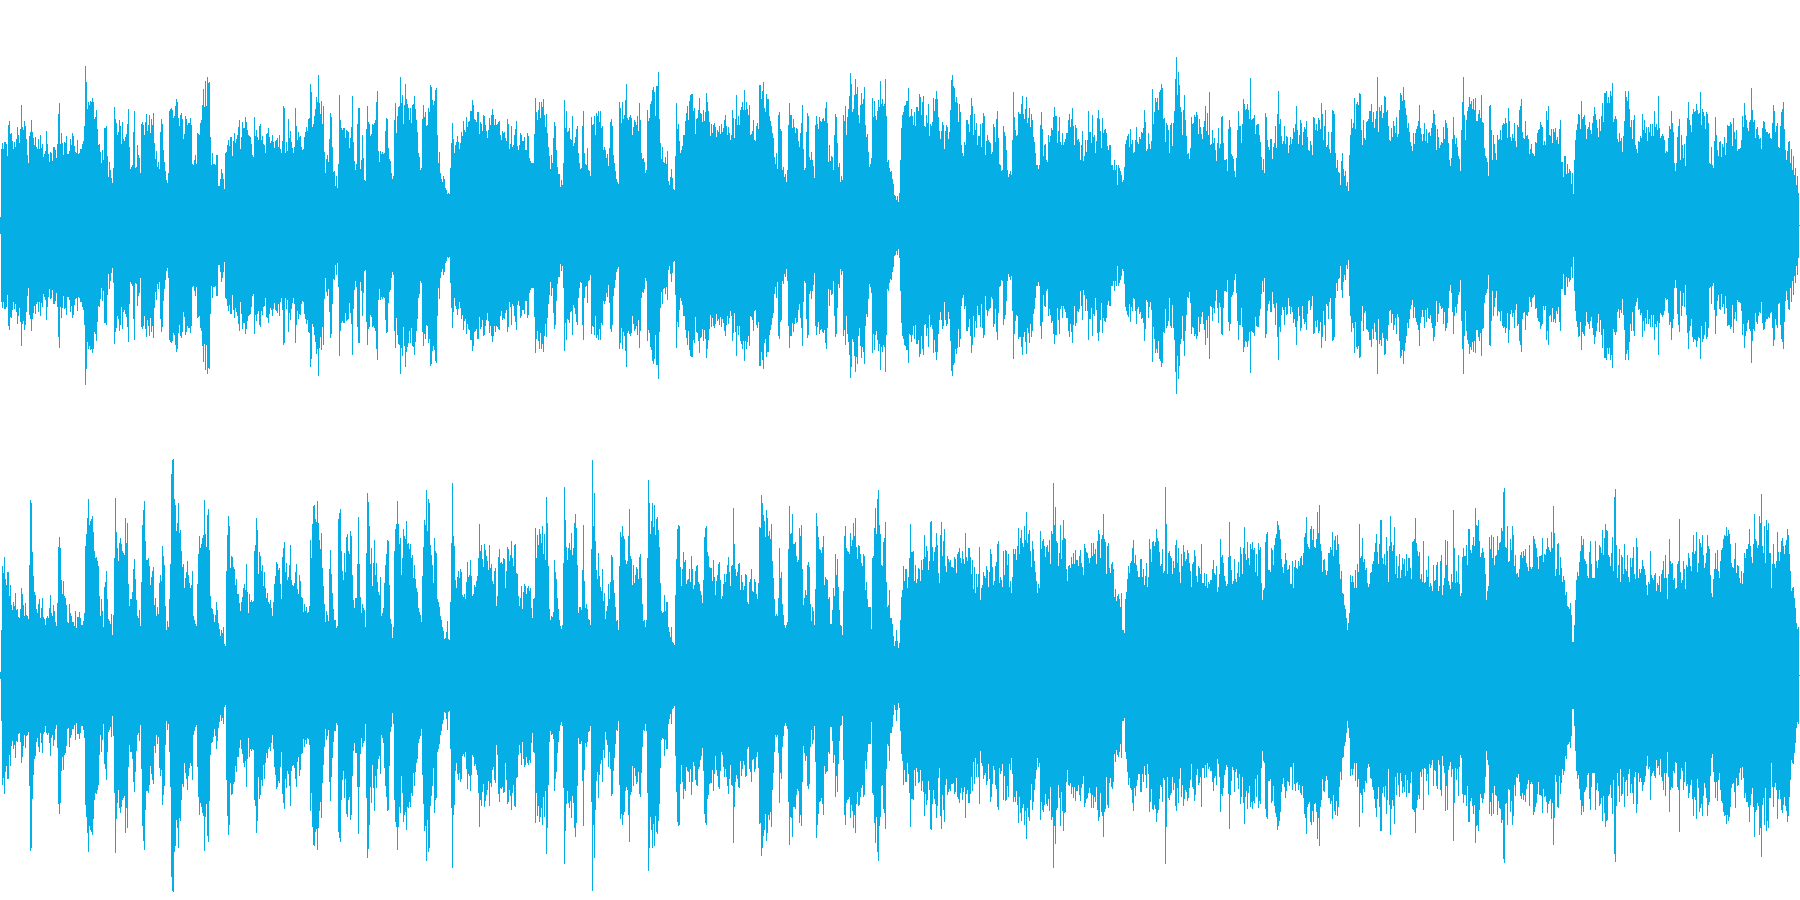 活気のある王都をイメージした楽曲。の再生済みの波形